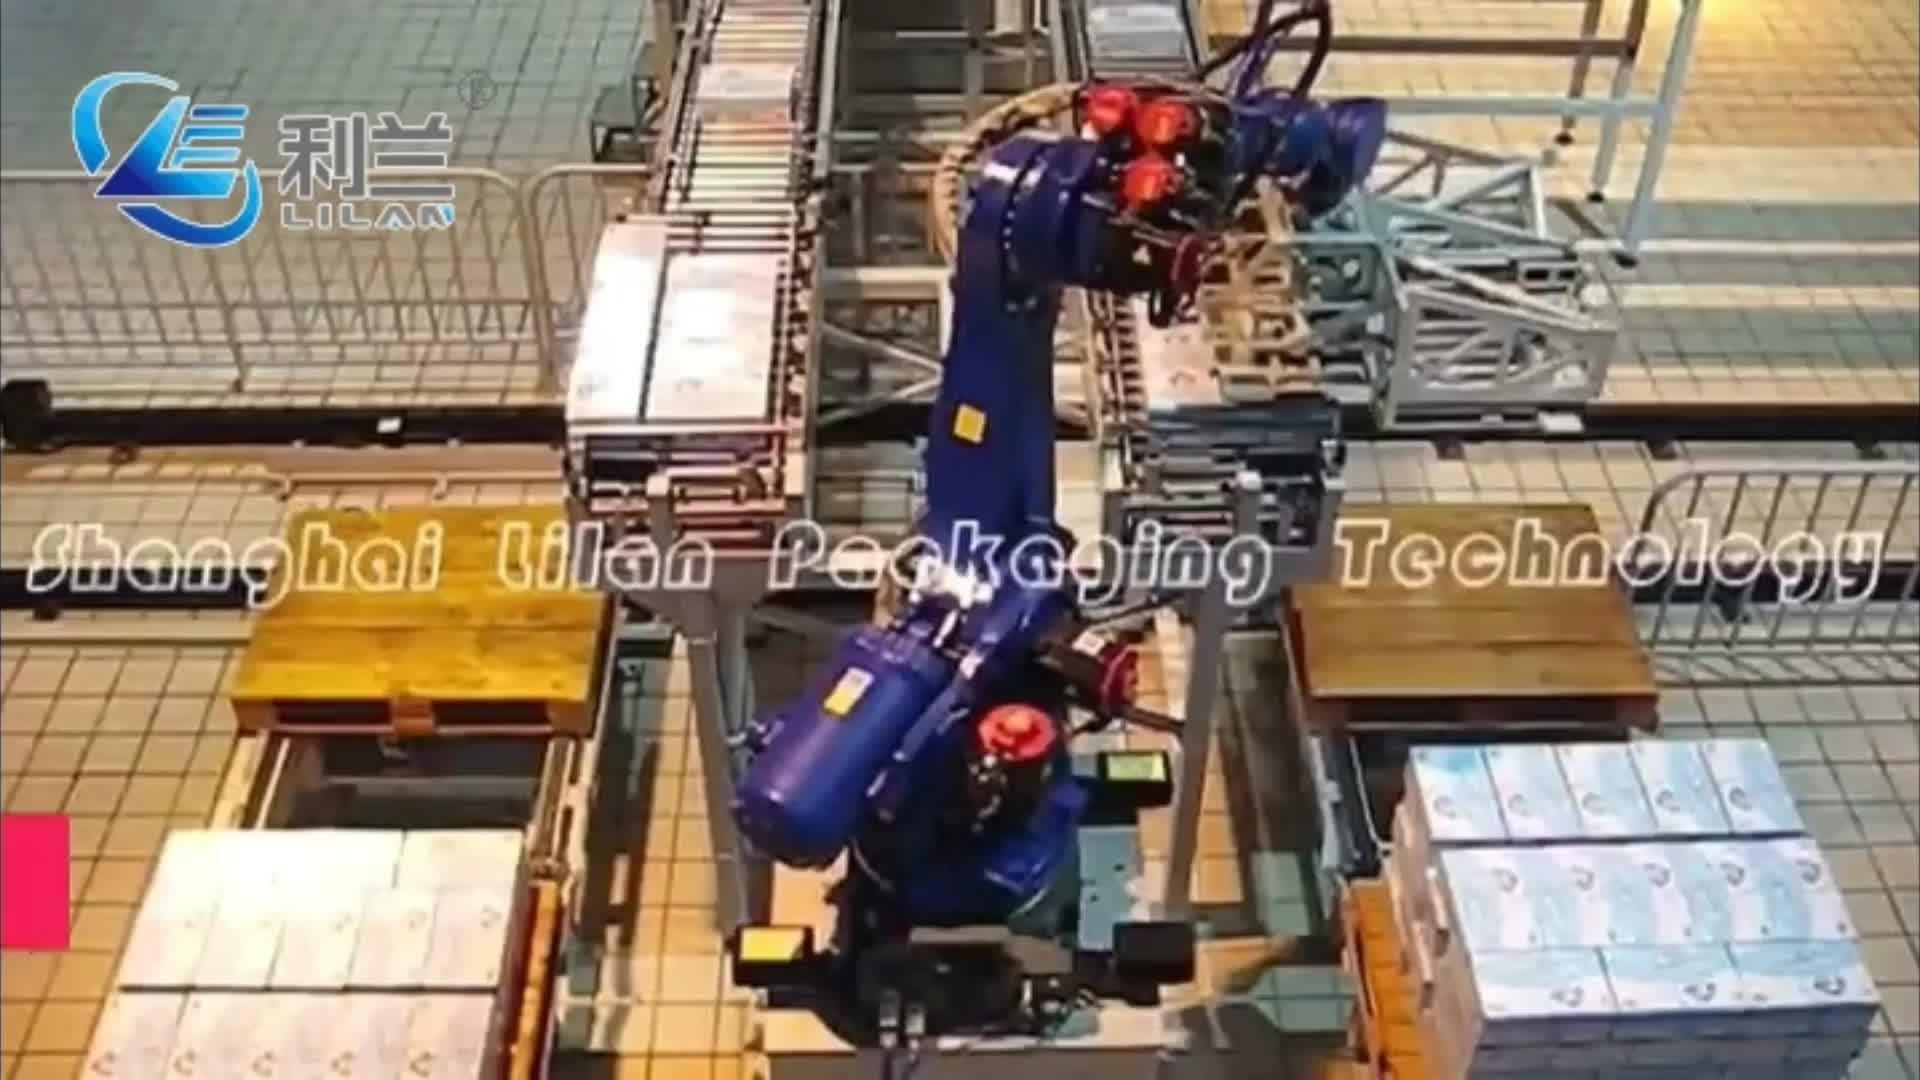 Shanghai lilan marca di Alta Qualità Piena di grandi dimensioni Automatico robot palletizer prezzo per il sacchetto di cemento